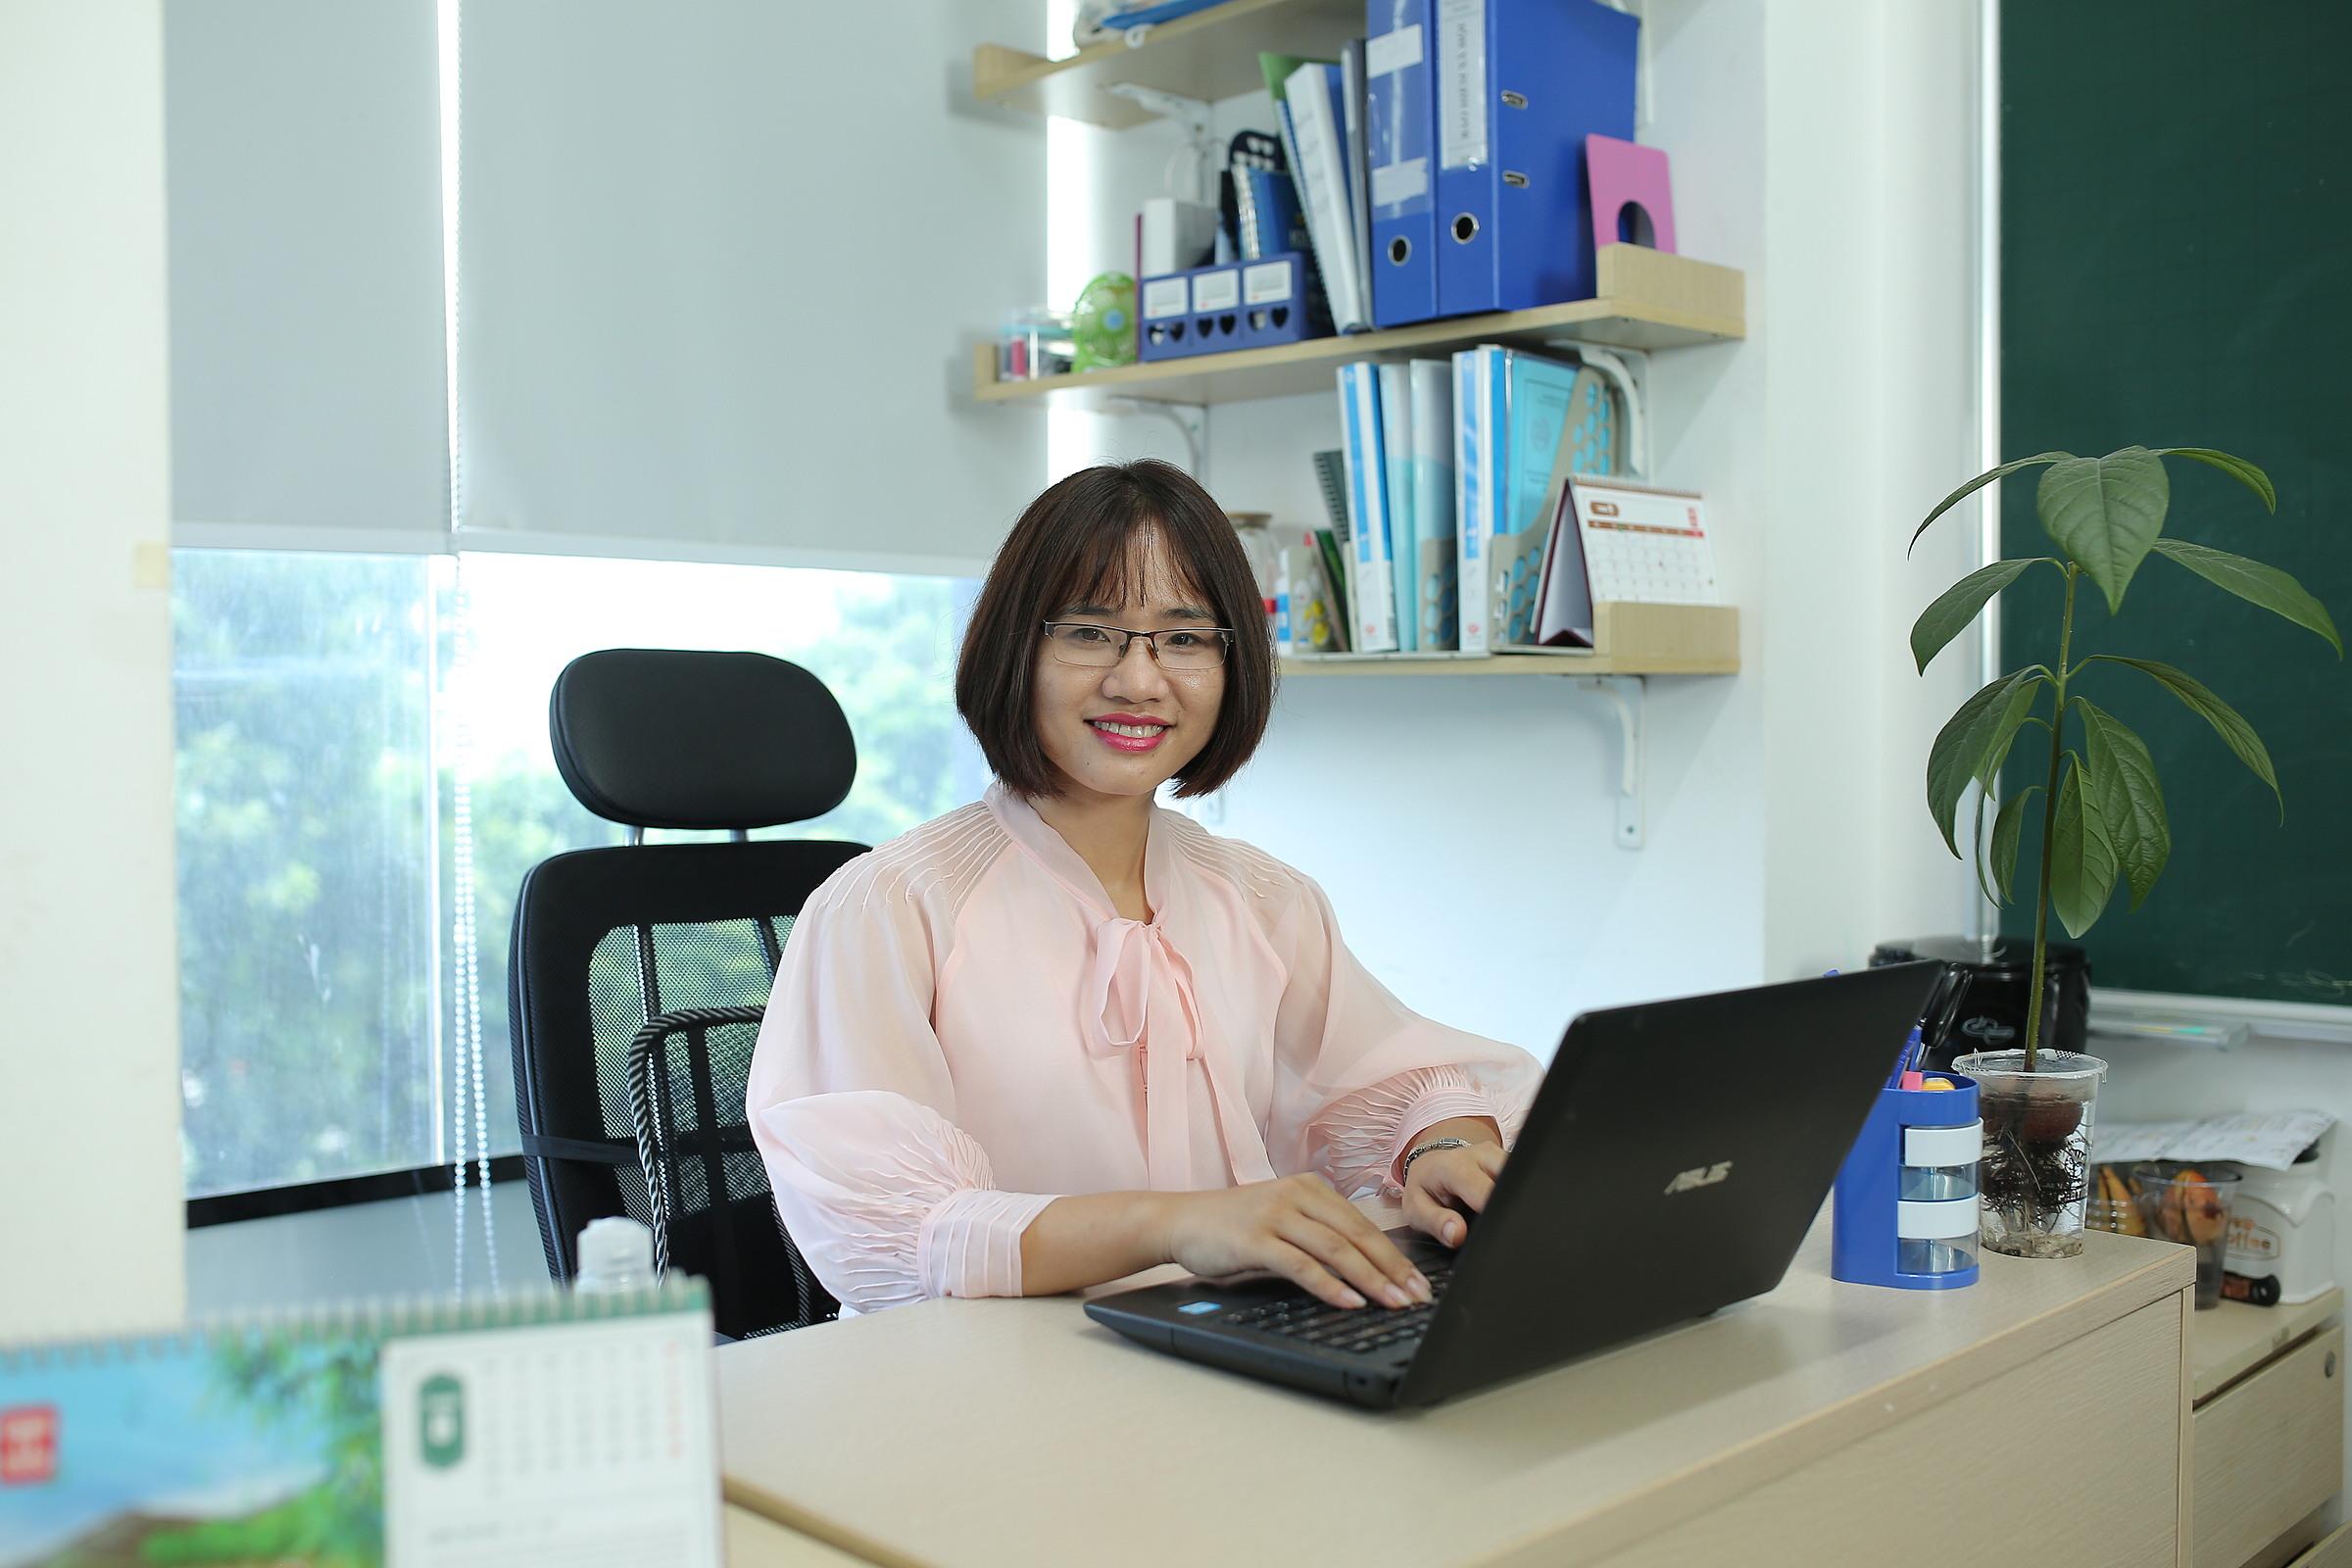 Thạc sĩ Dương Thị Thu Hà, giáo viên tại Hệ thống giáo dục HOCMAI.